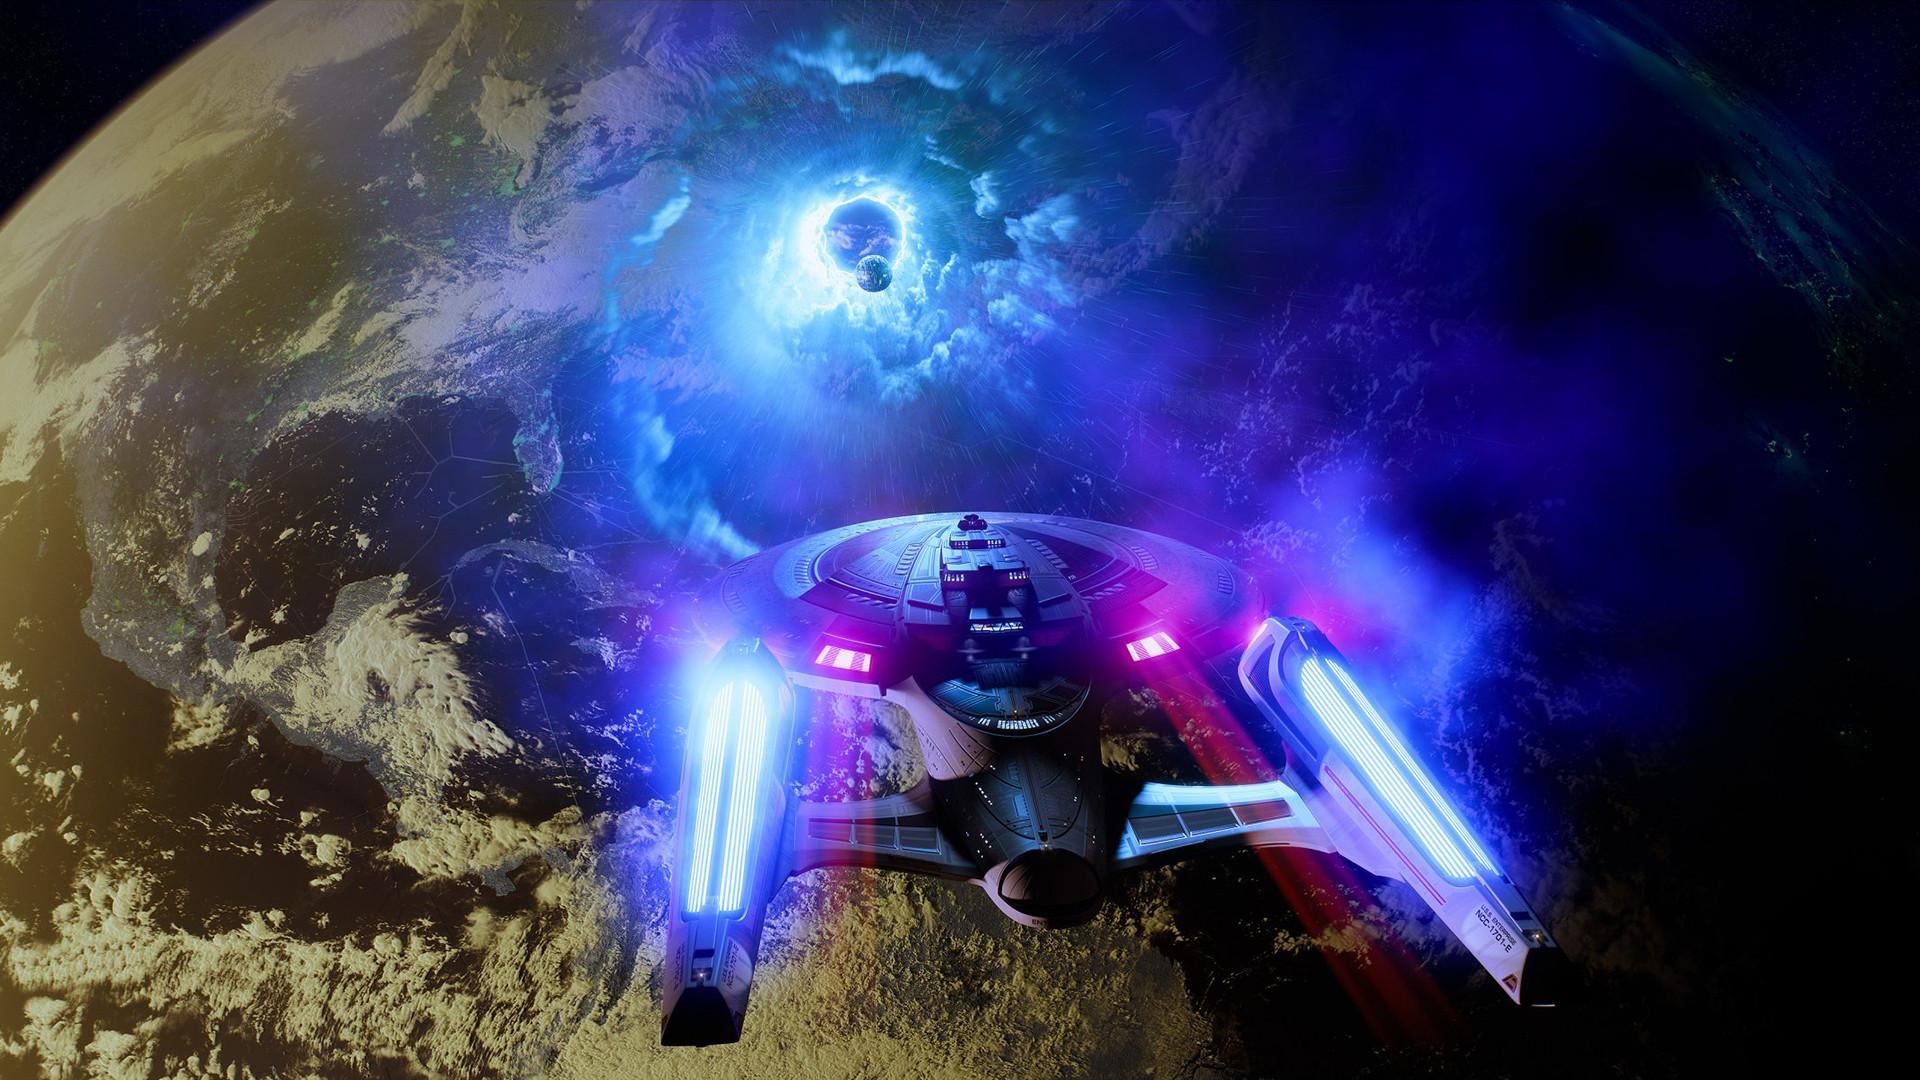 Star Trek Starship Enterprise Spaceship Warp Planet Alien Civilization  wallpaper     112946   WallpaperUP